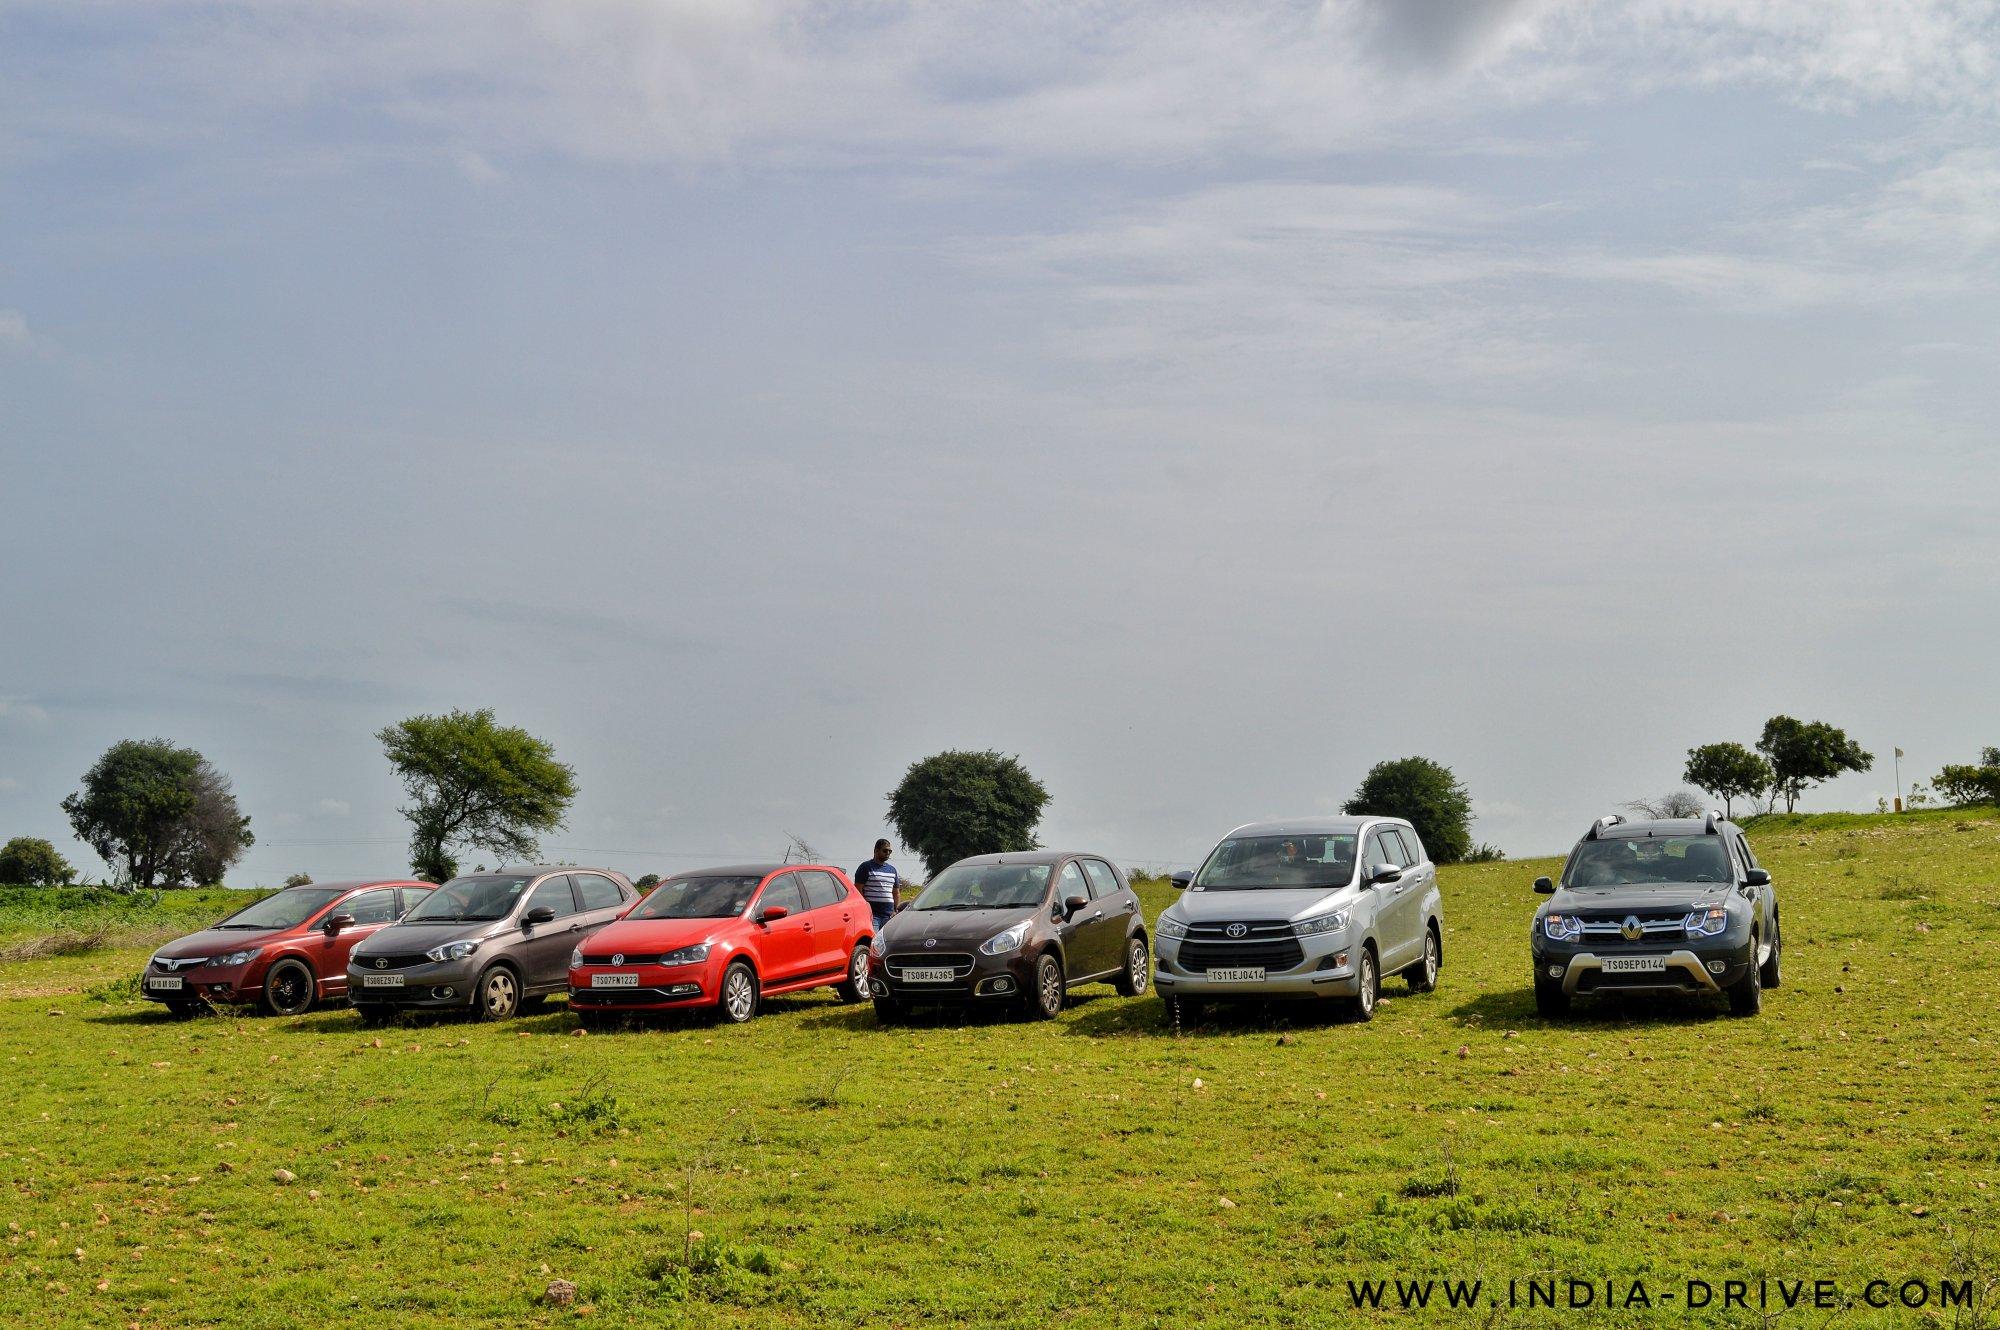 Singur Dam, India-Drive meetup